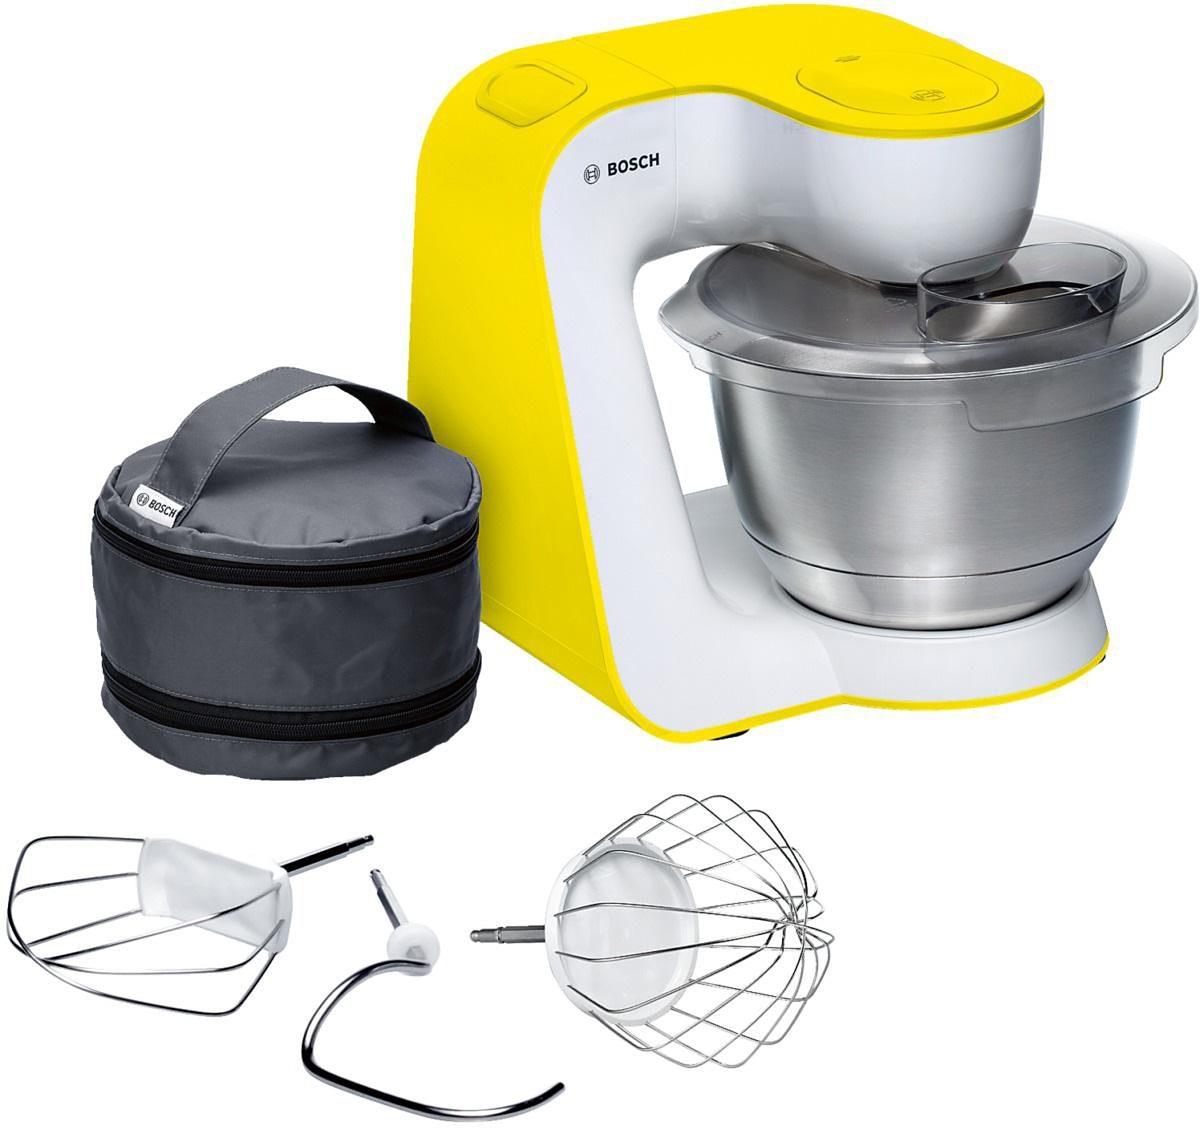 BOSCH Küchenmaschine StartLine MUM54Y00, 900 W, 3,9 l Schüssel